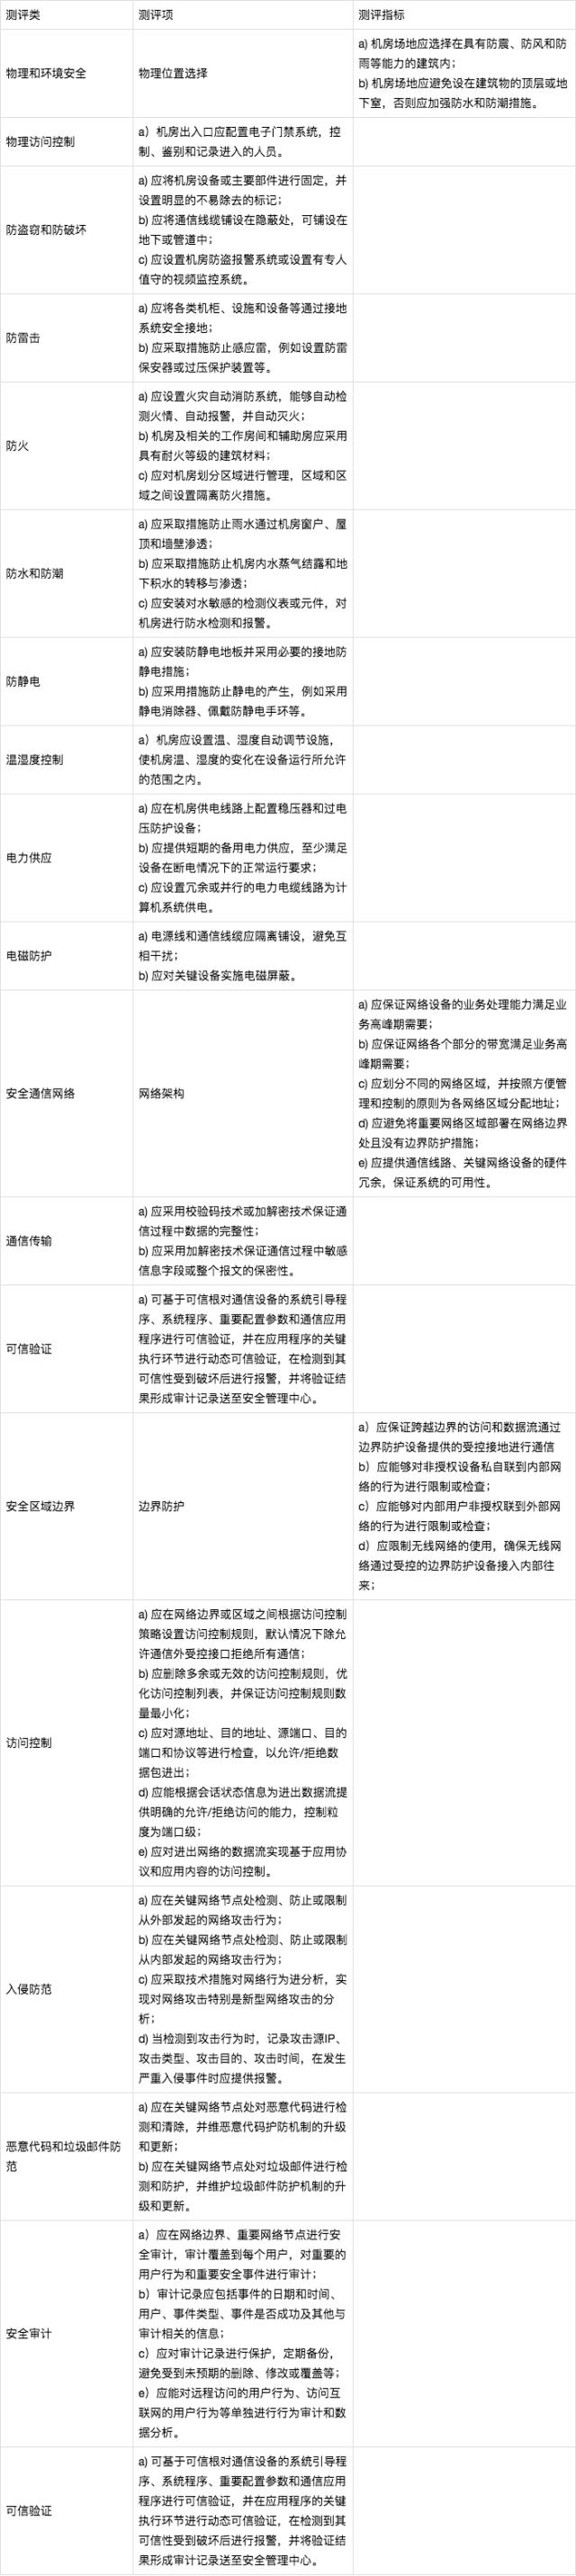 等保2.0详解(附3级检查表)